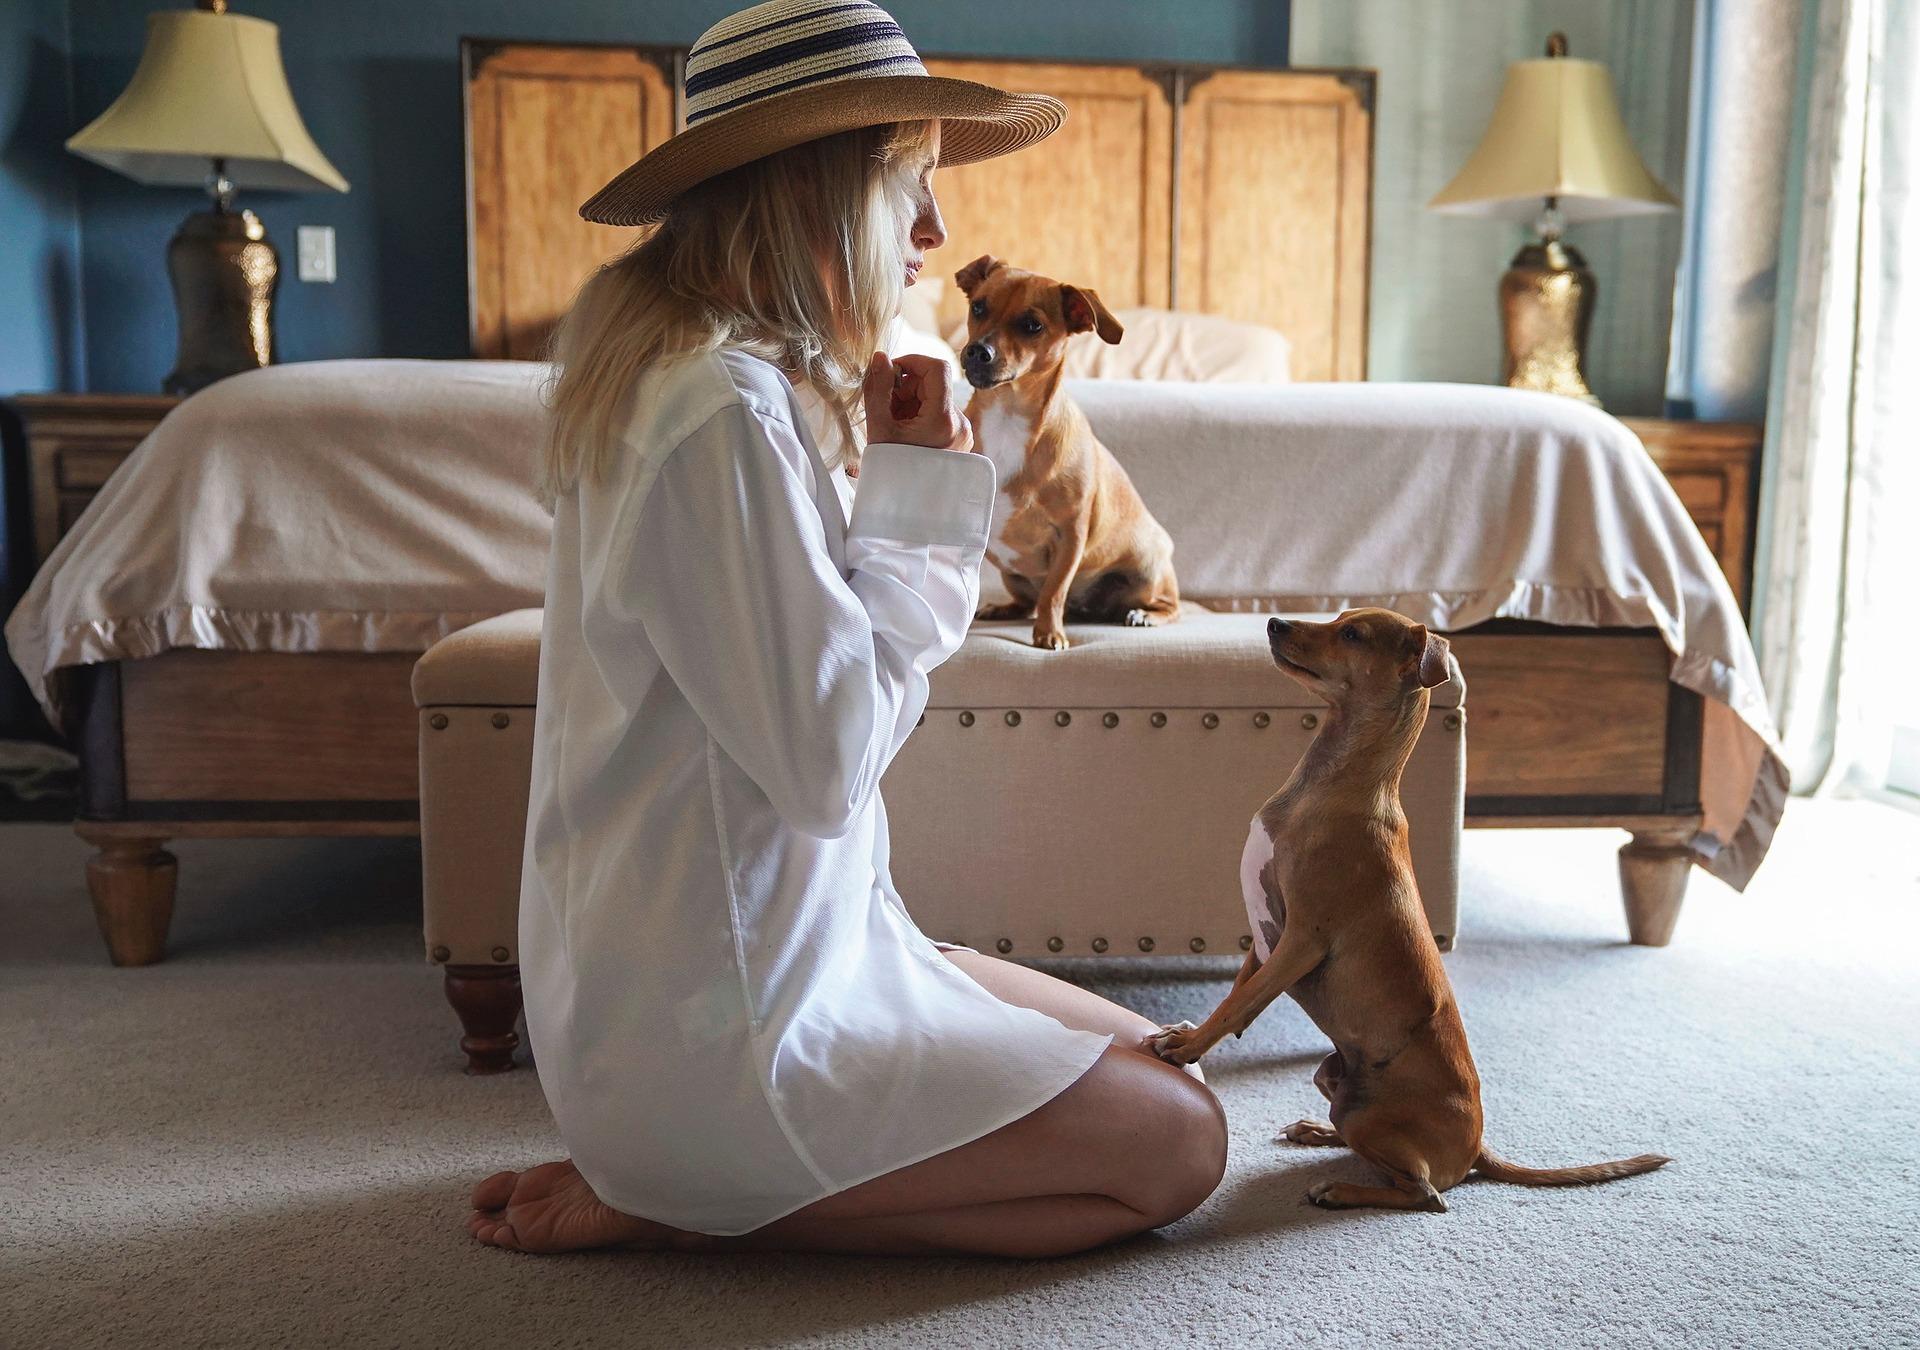 Zabawy ze szczeniakiem w domu mogą polegać na codziennym trenowaniu i utrwalaniu komend, a następnie na wspólnej zabawie.